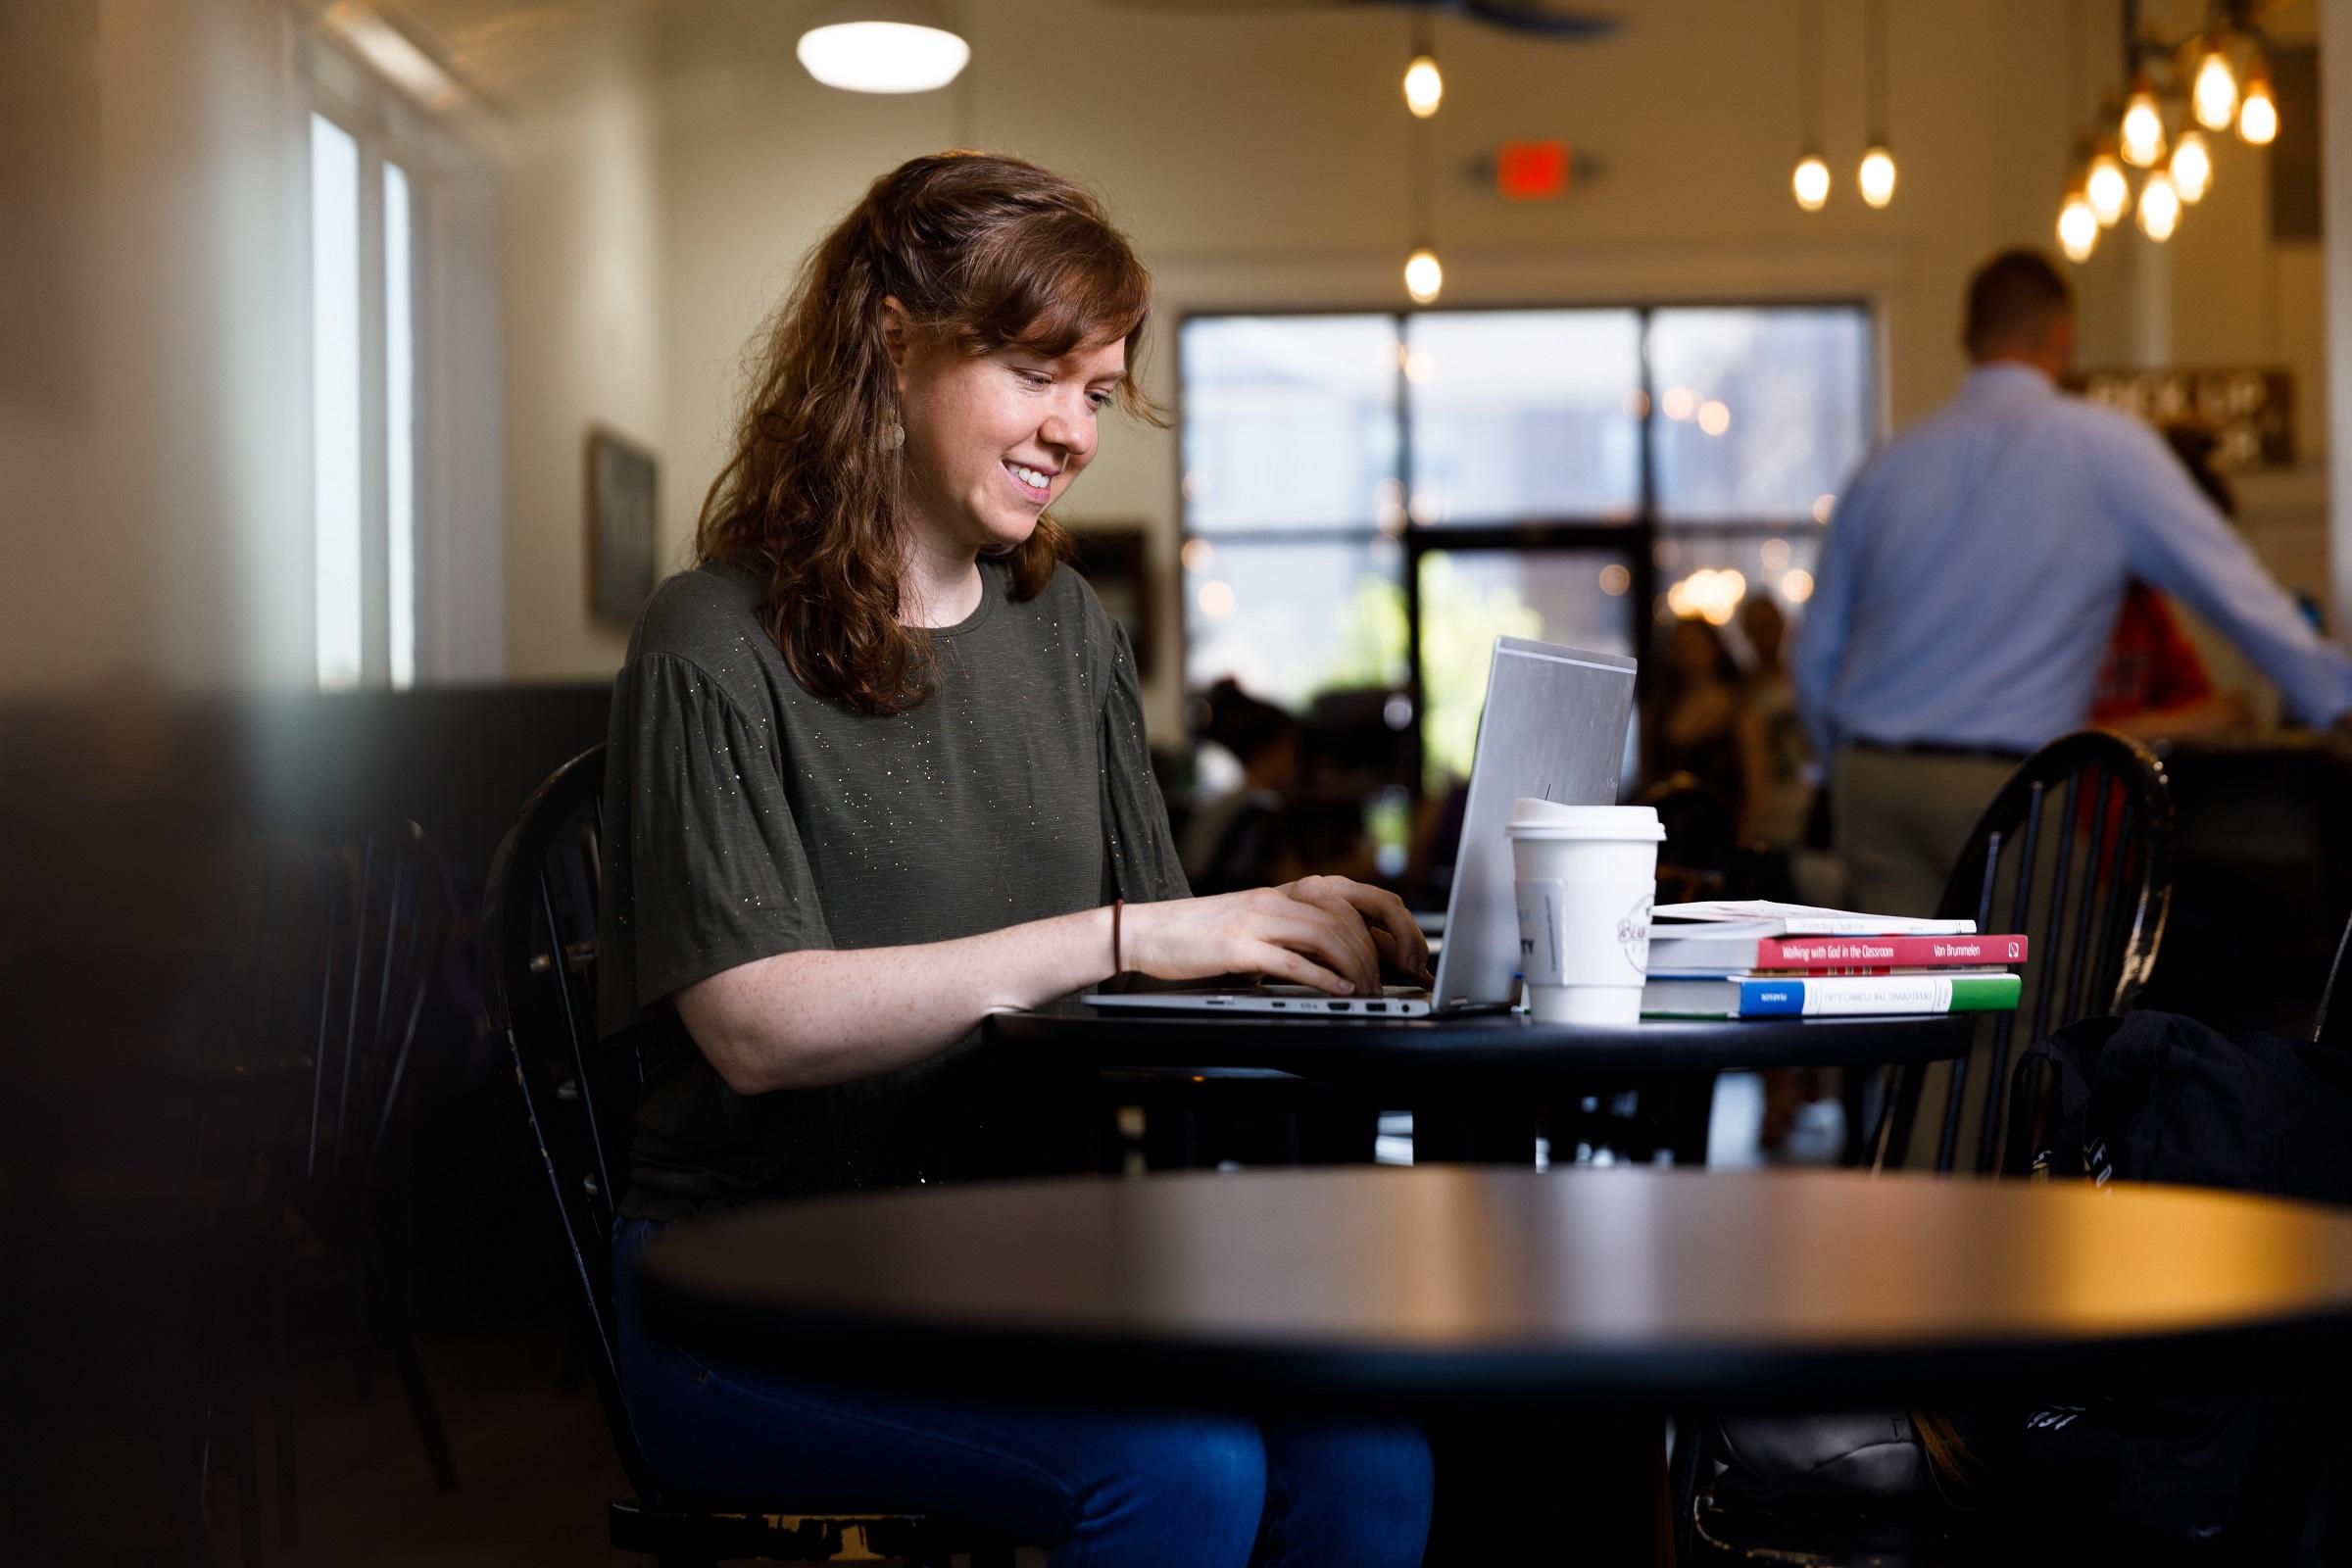 Bachelors Degree Online